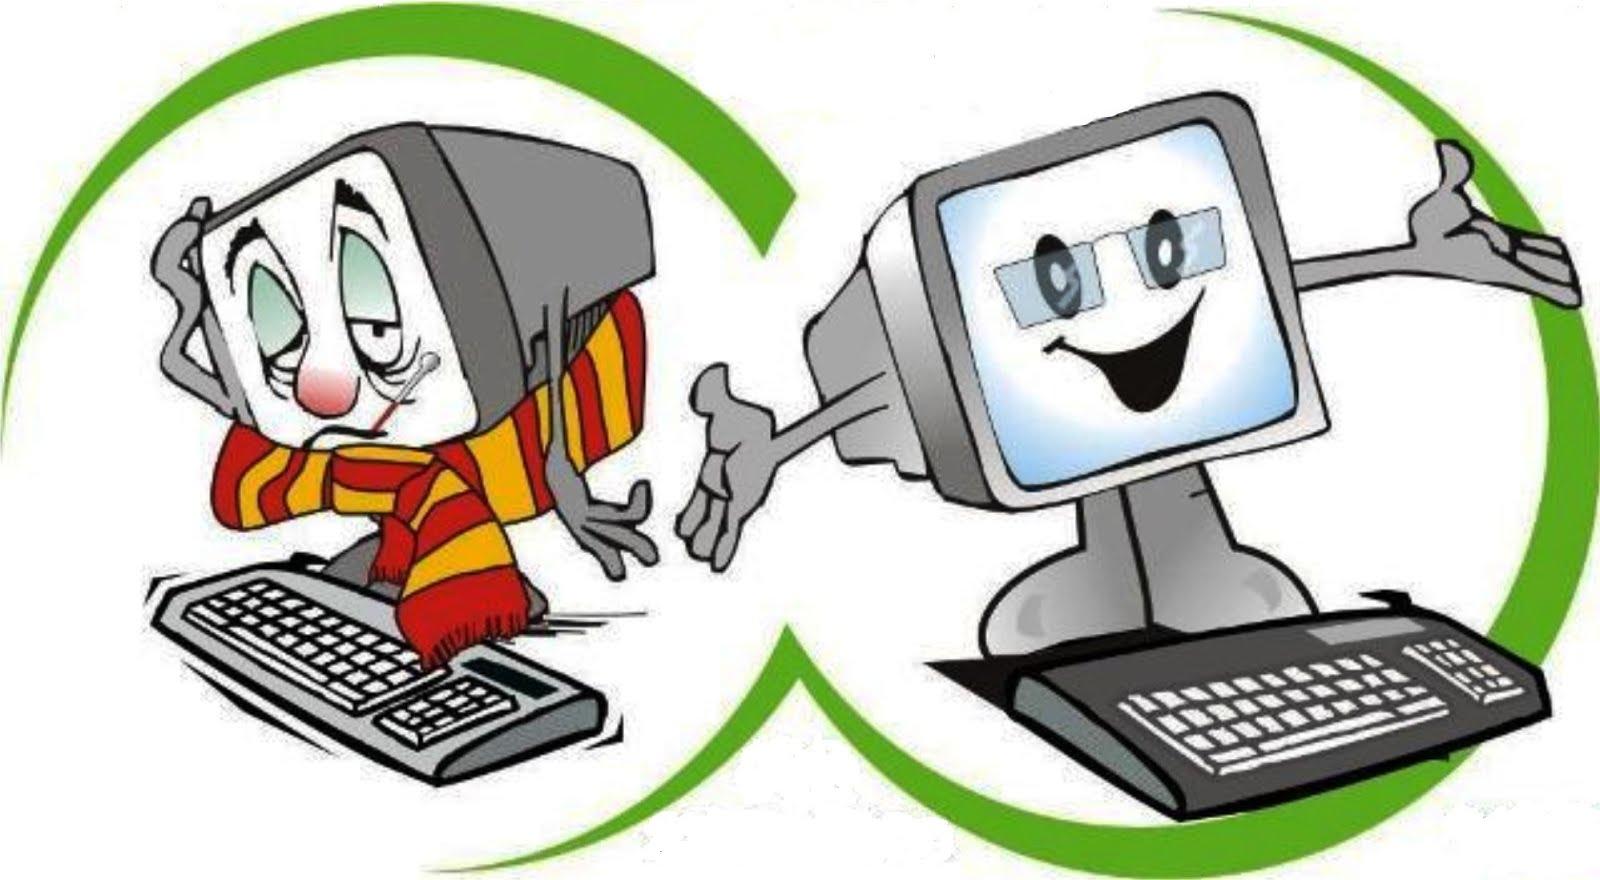 Clinica da Informática